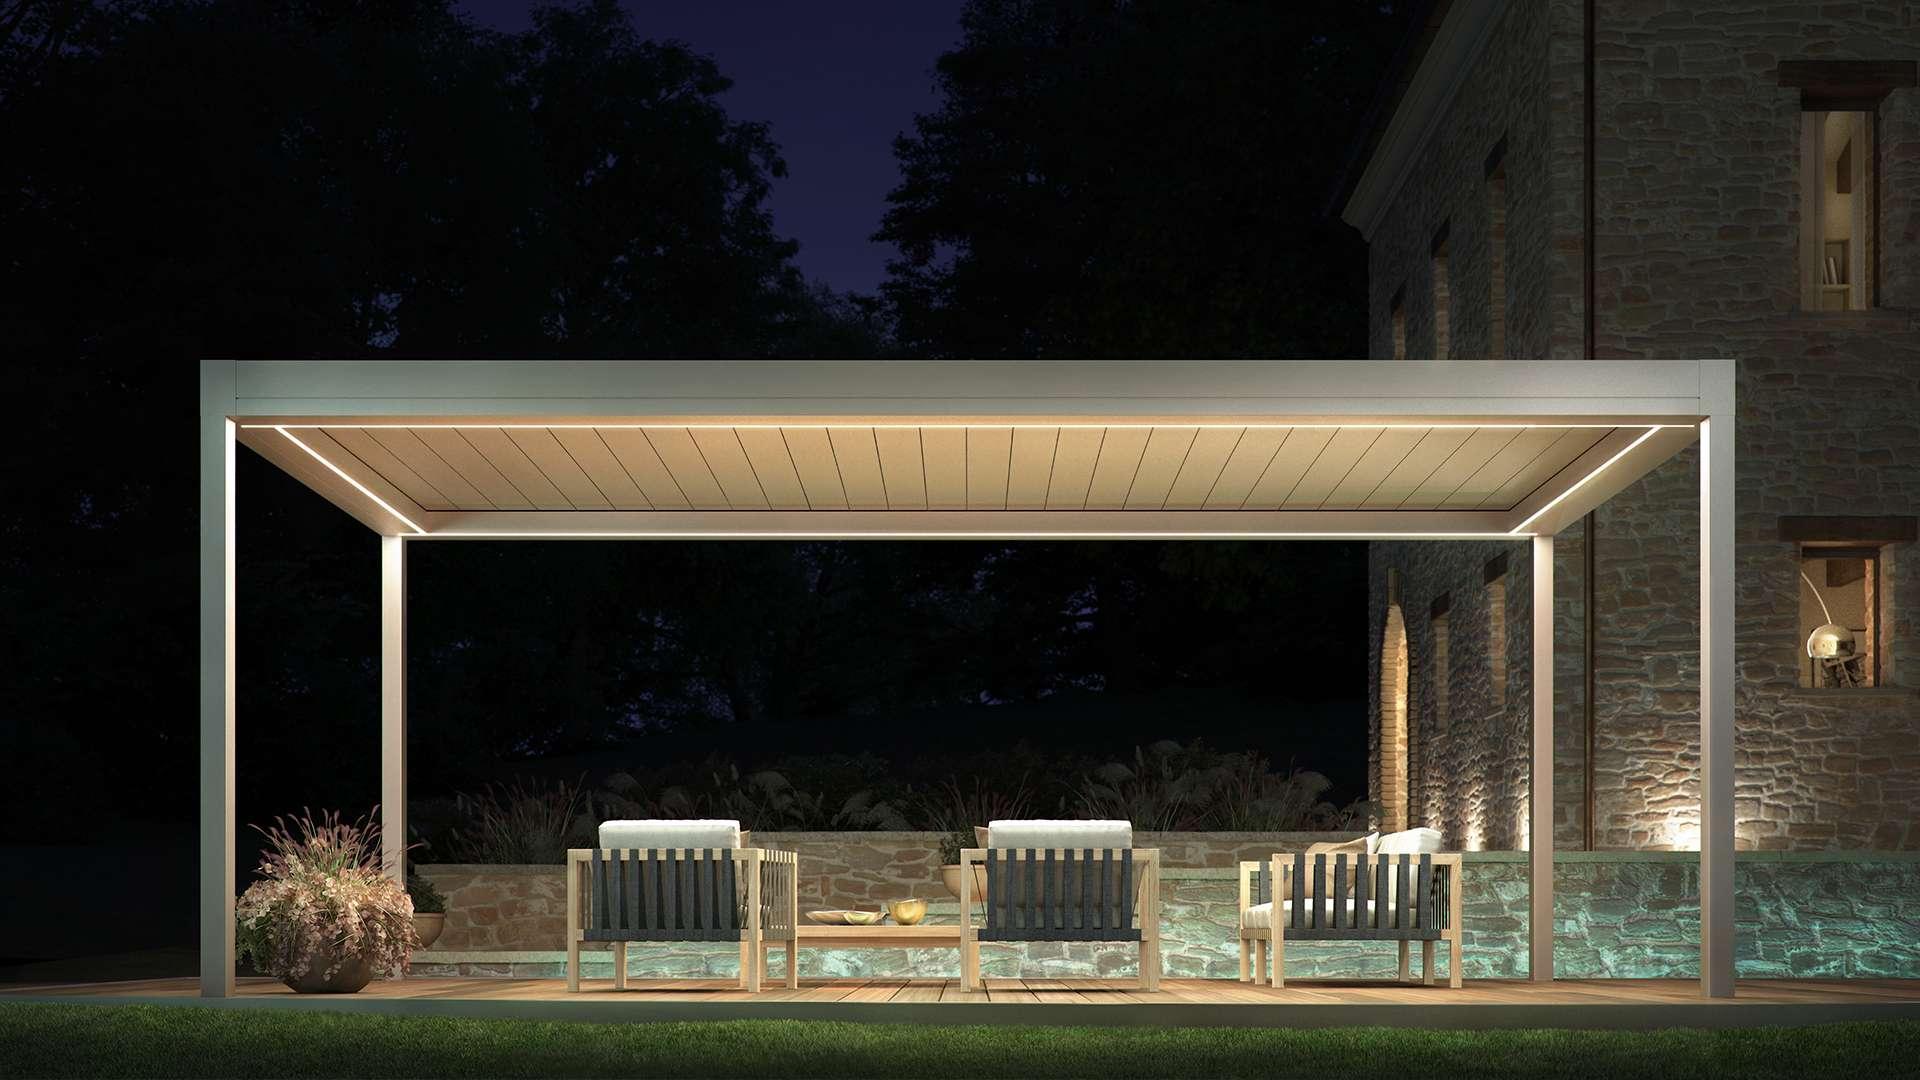 Pratic Lamellendach Brera S mit zwei Liegestühlen bei Nacht